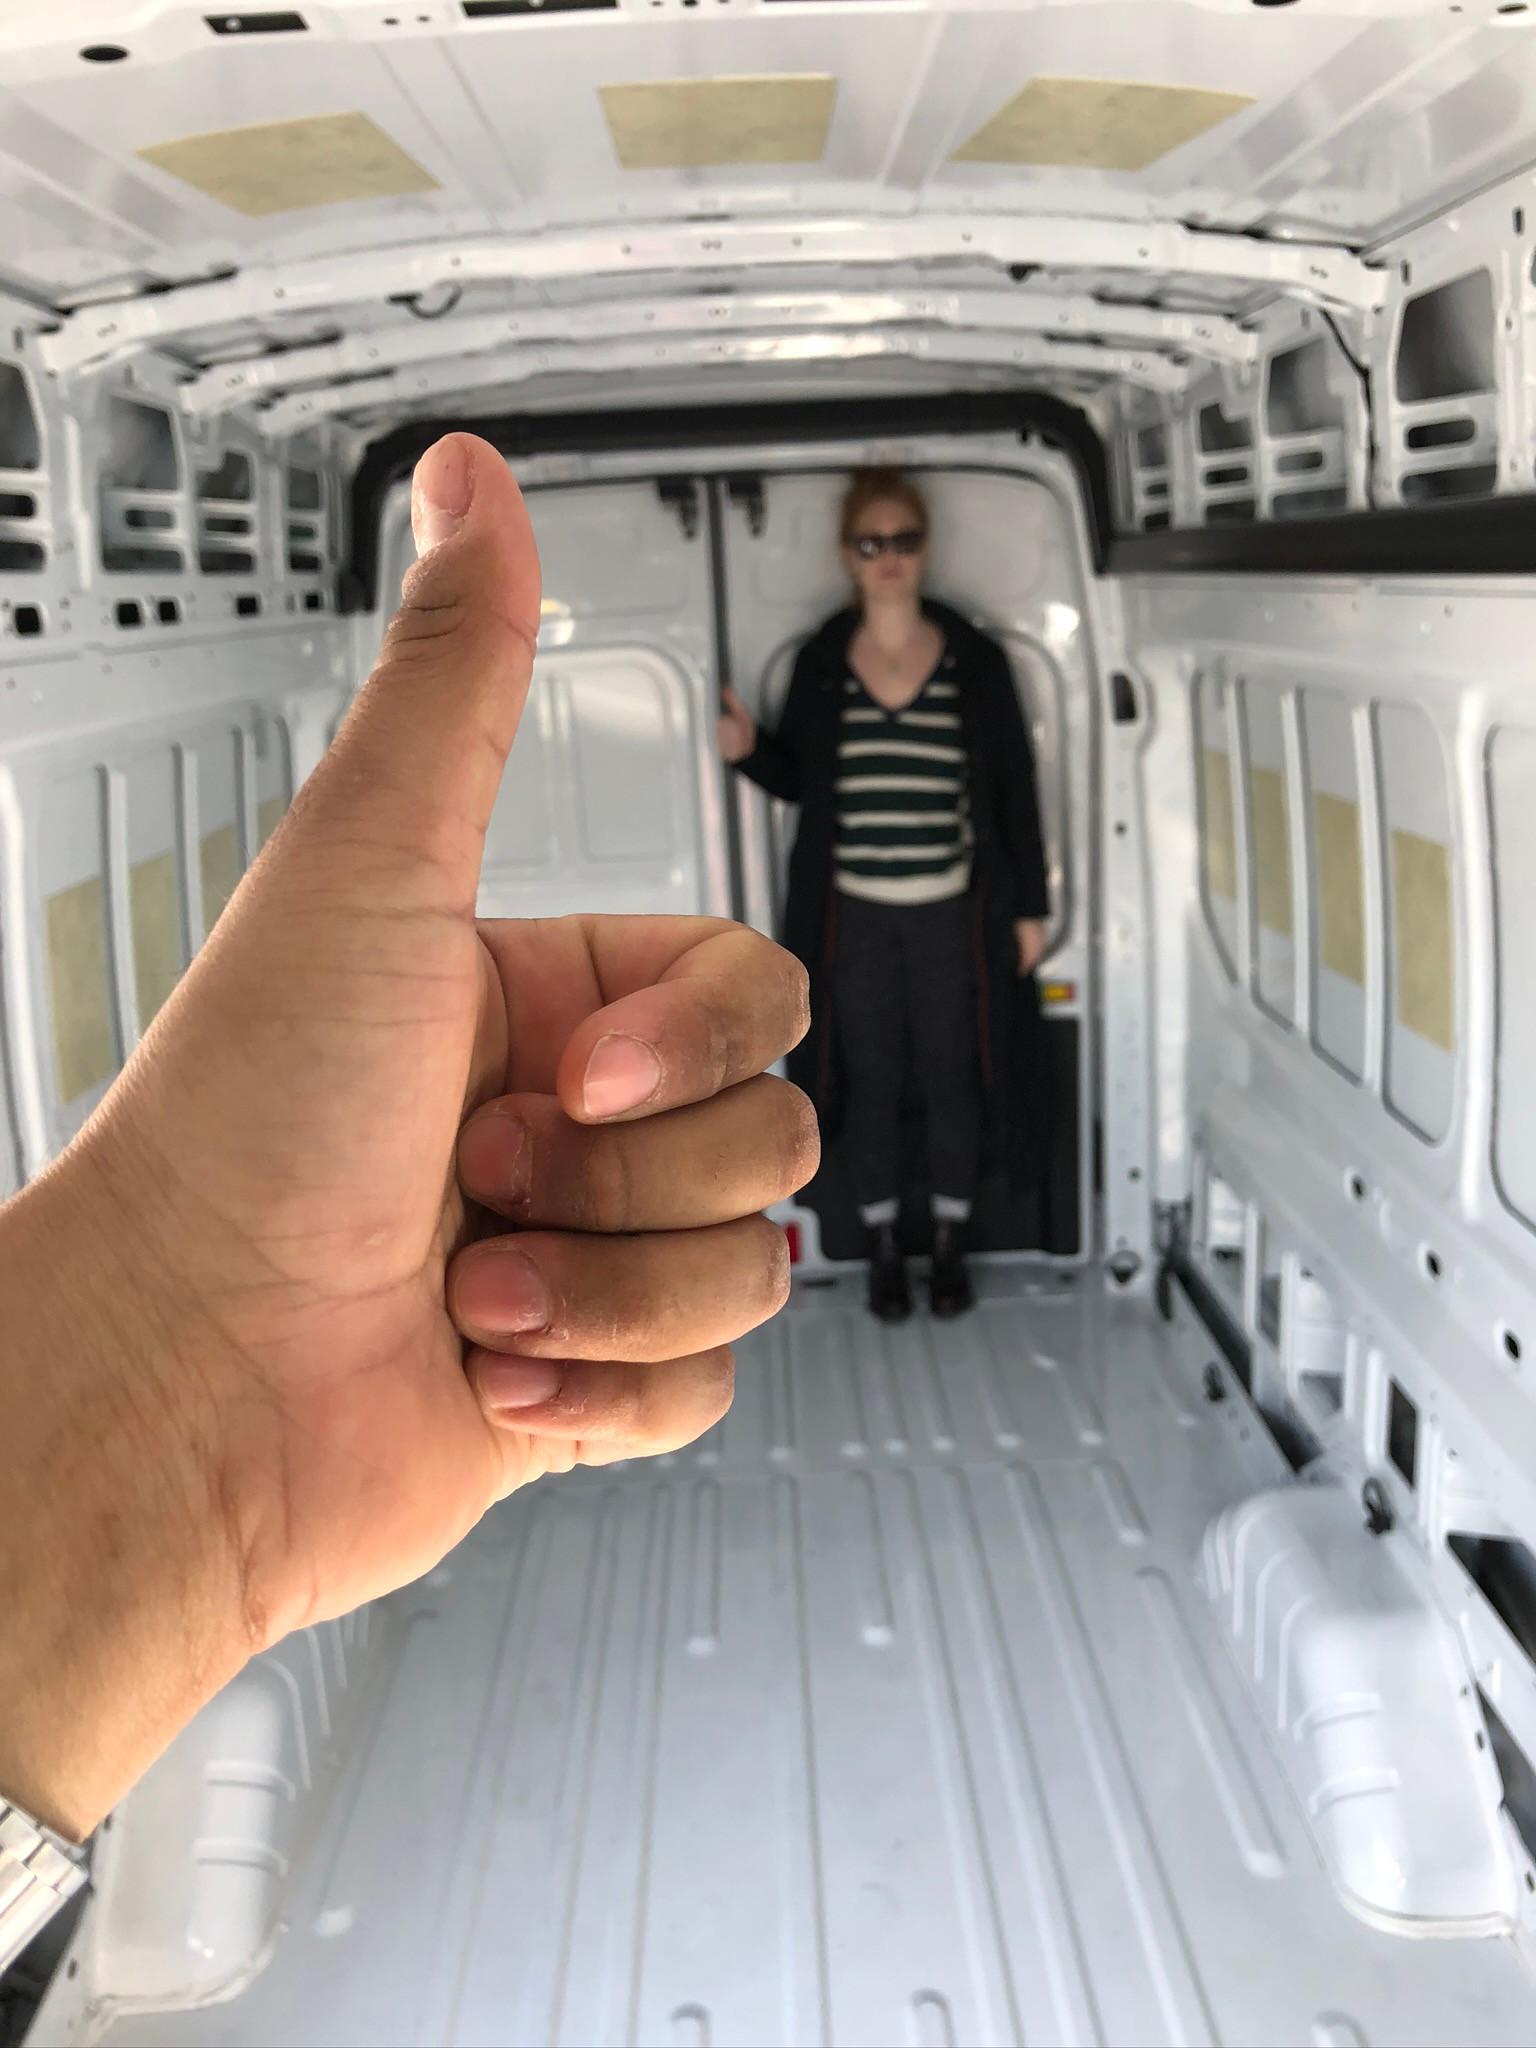 How Do I Build a Van?